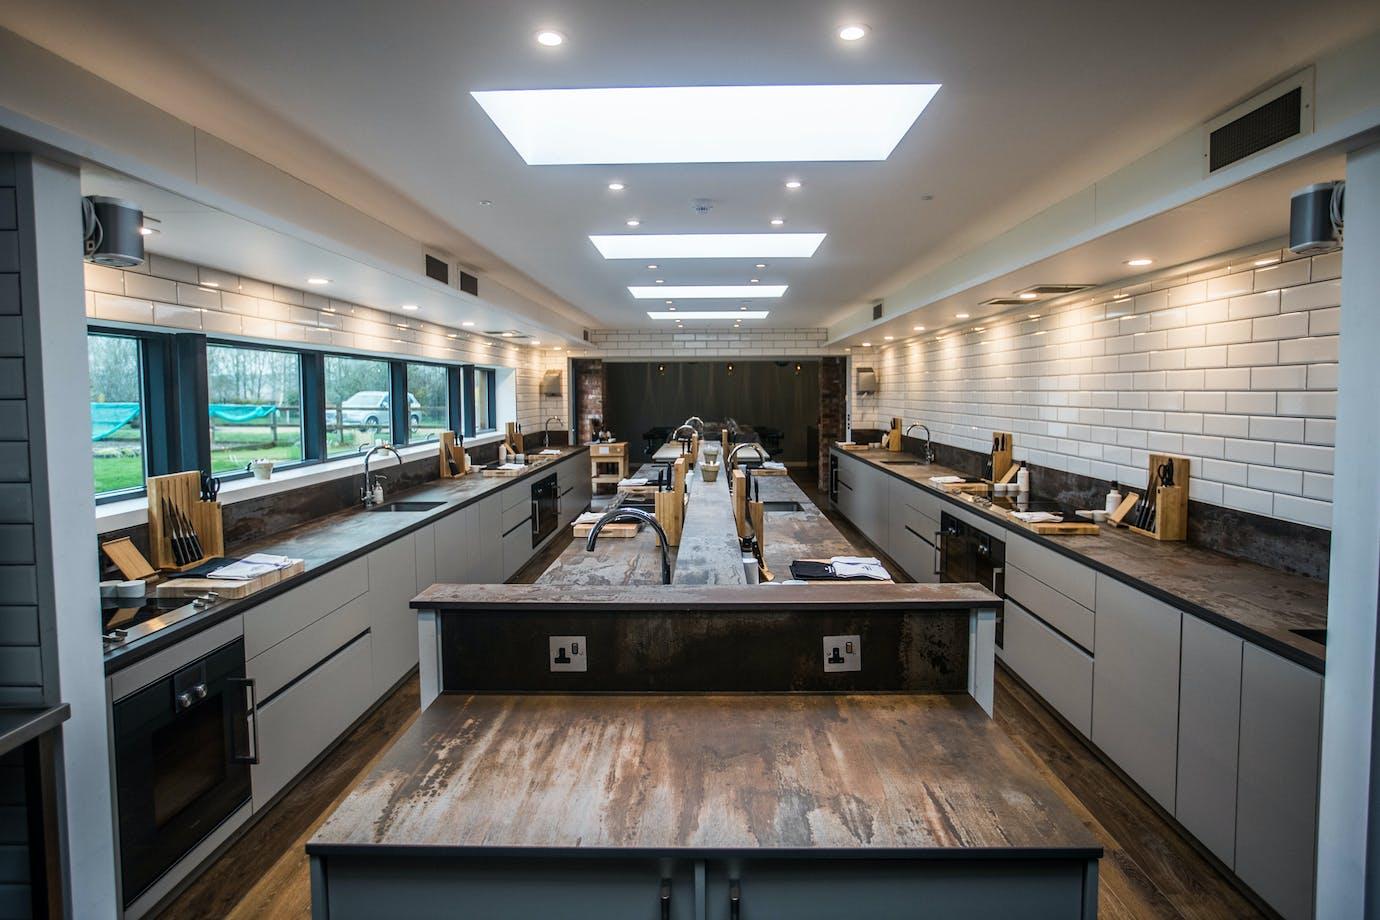 The Woodspeen Cookery School